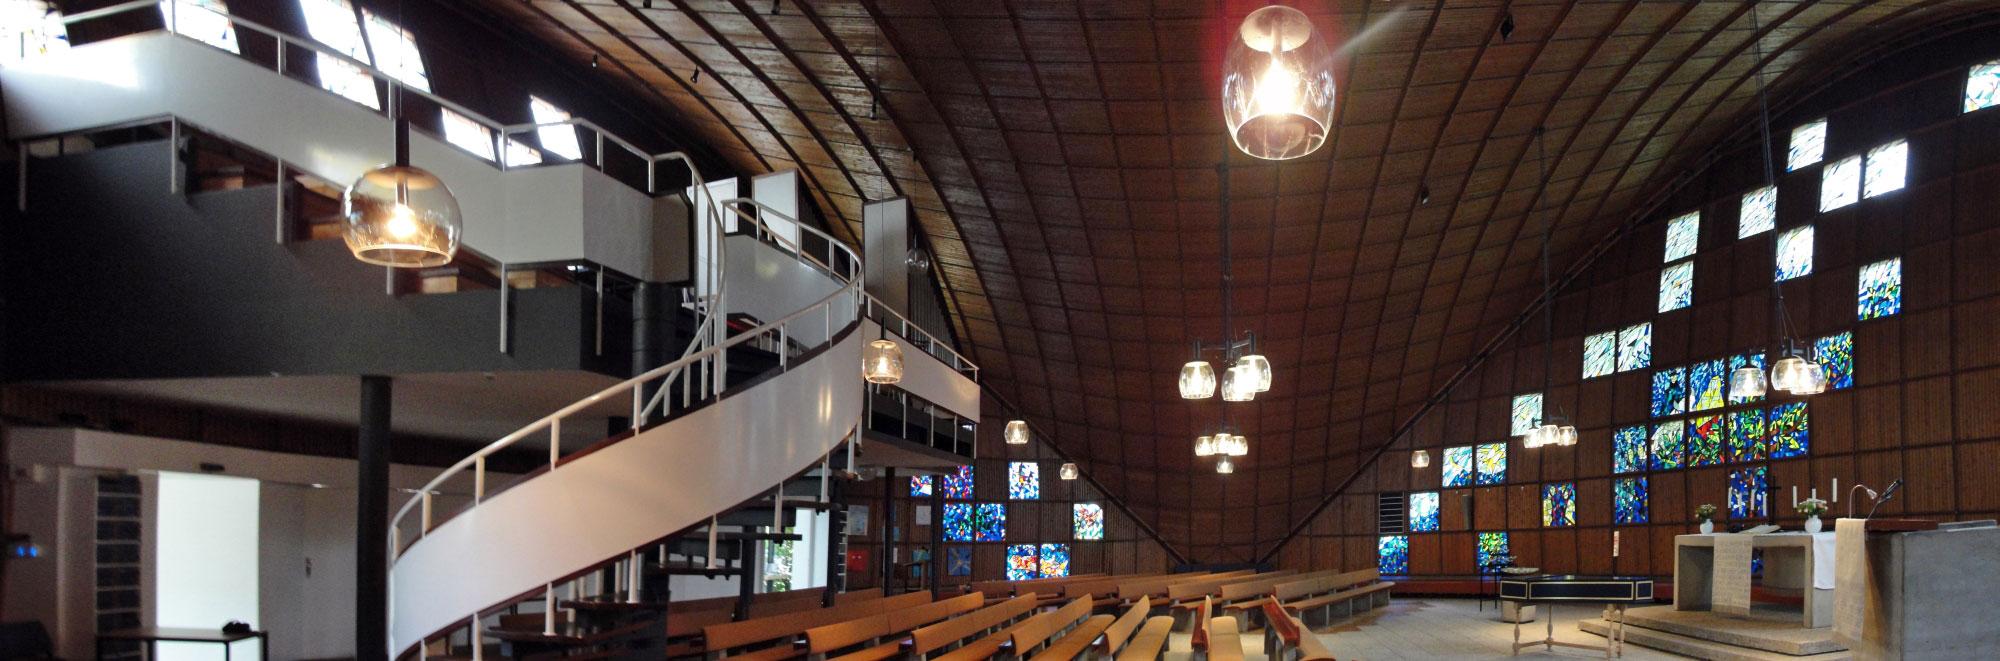 Bremen | St. Lukas | Innenraum | Foto: Oliver Fuhrmann